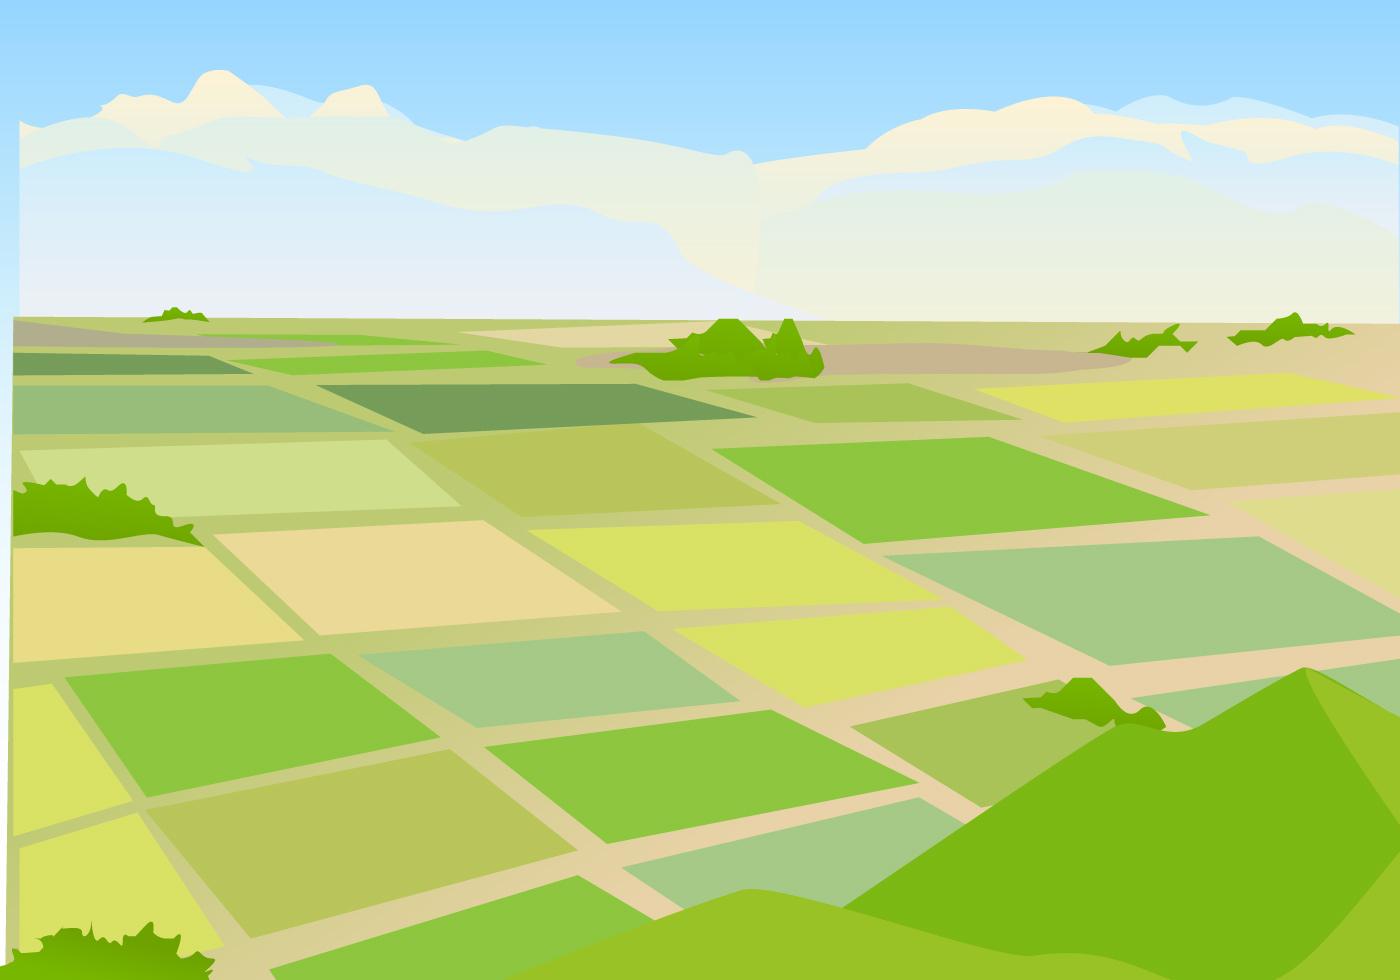 Fields clipart clip art free stock Corn Field Free Vector Art - (9,942 Free Downloads) clip art free stock